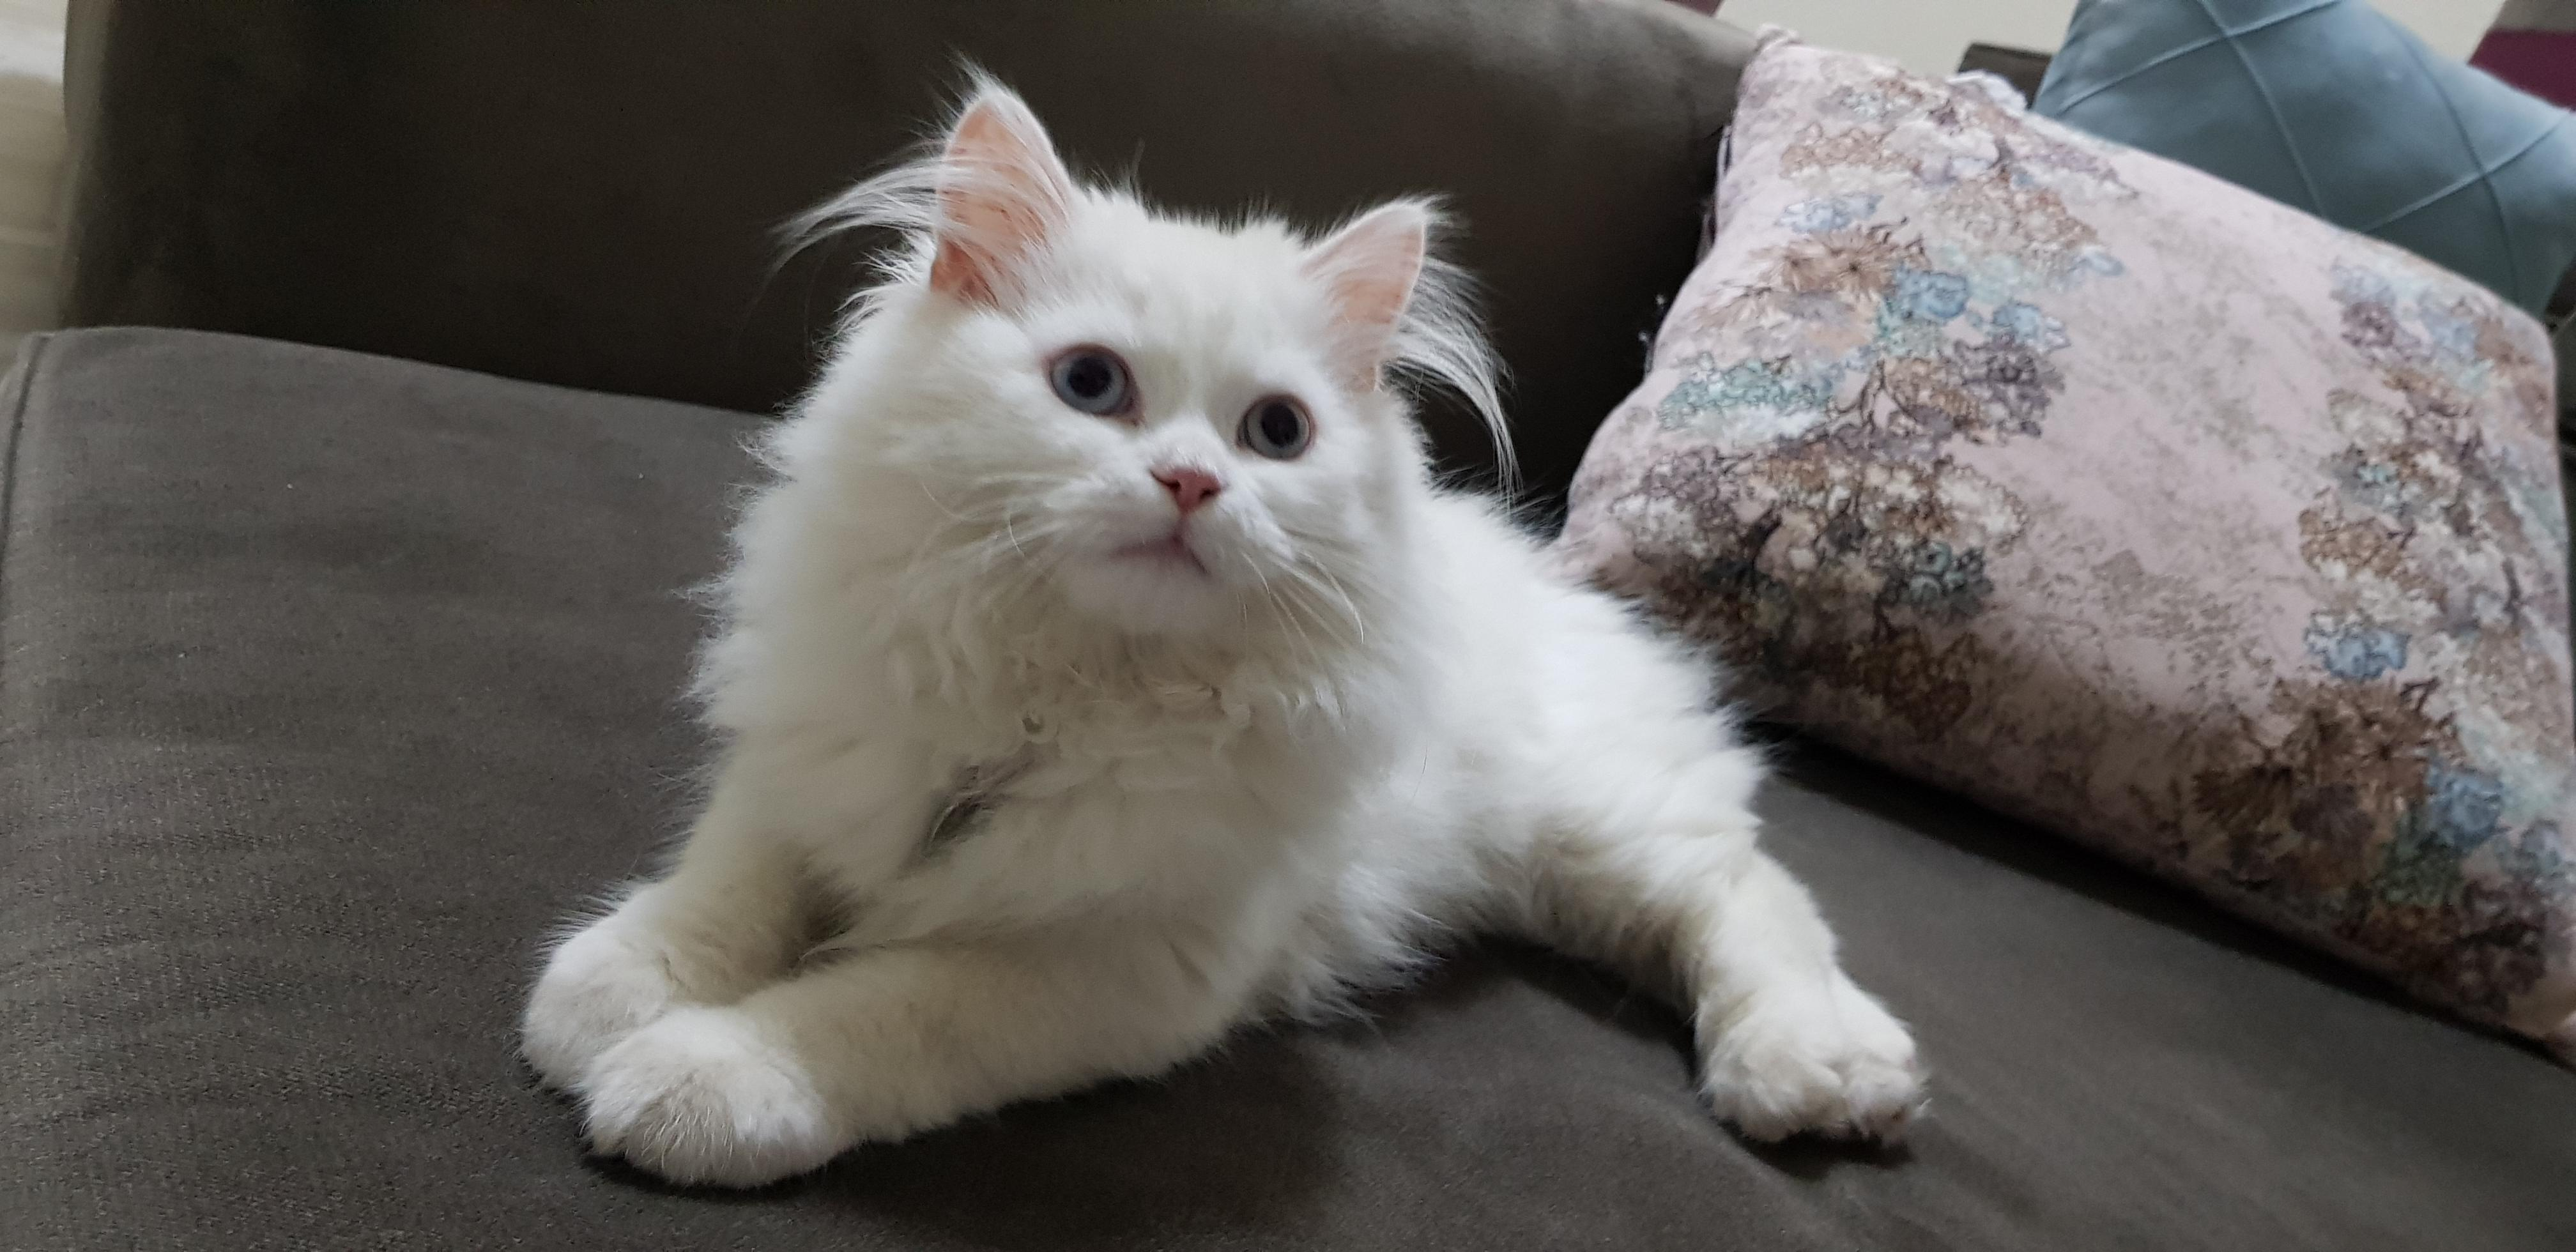 قط شيرازي أليف جدا وهيبة  )